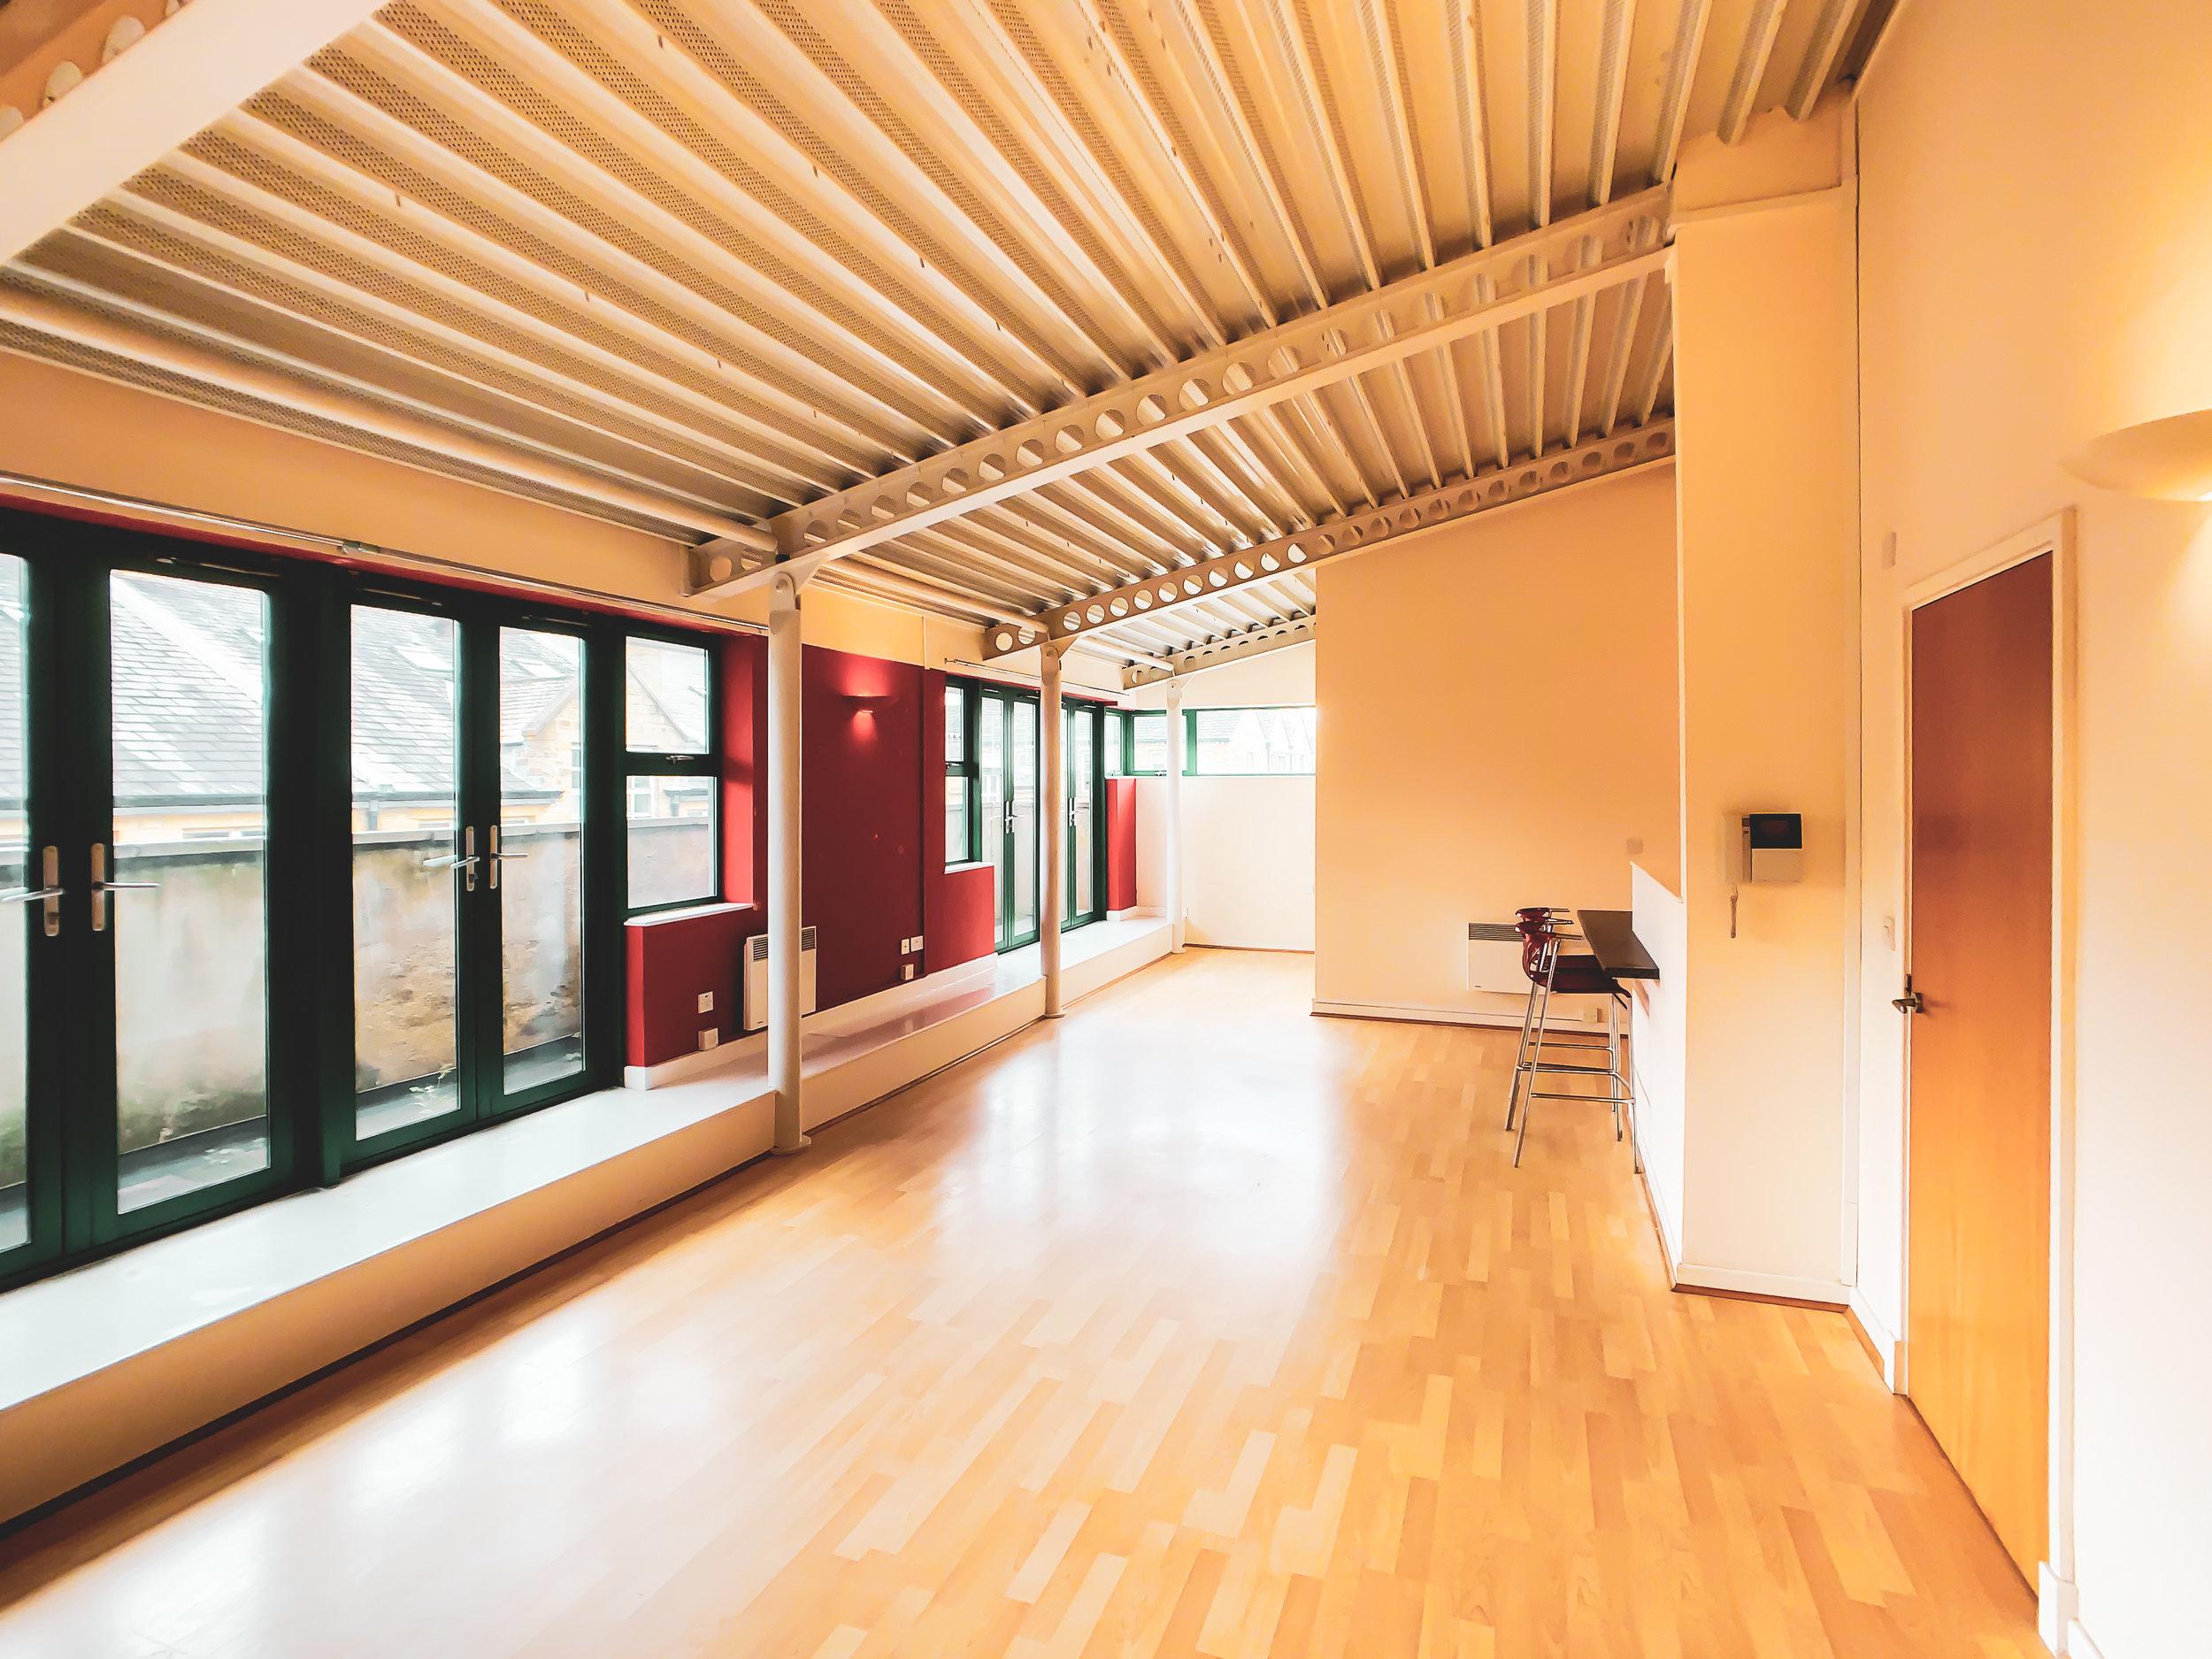 Loft 21 - Studio apartment